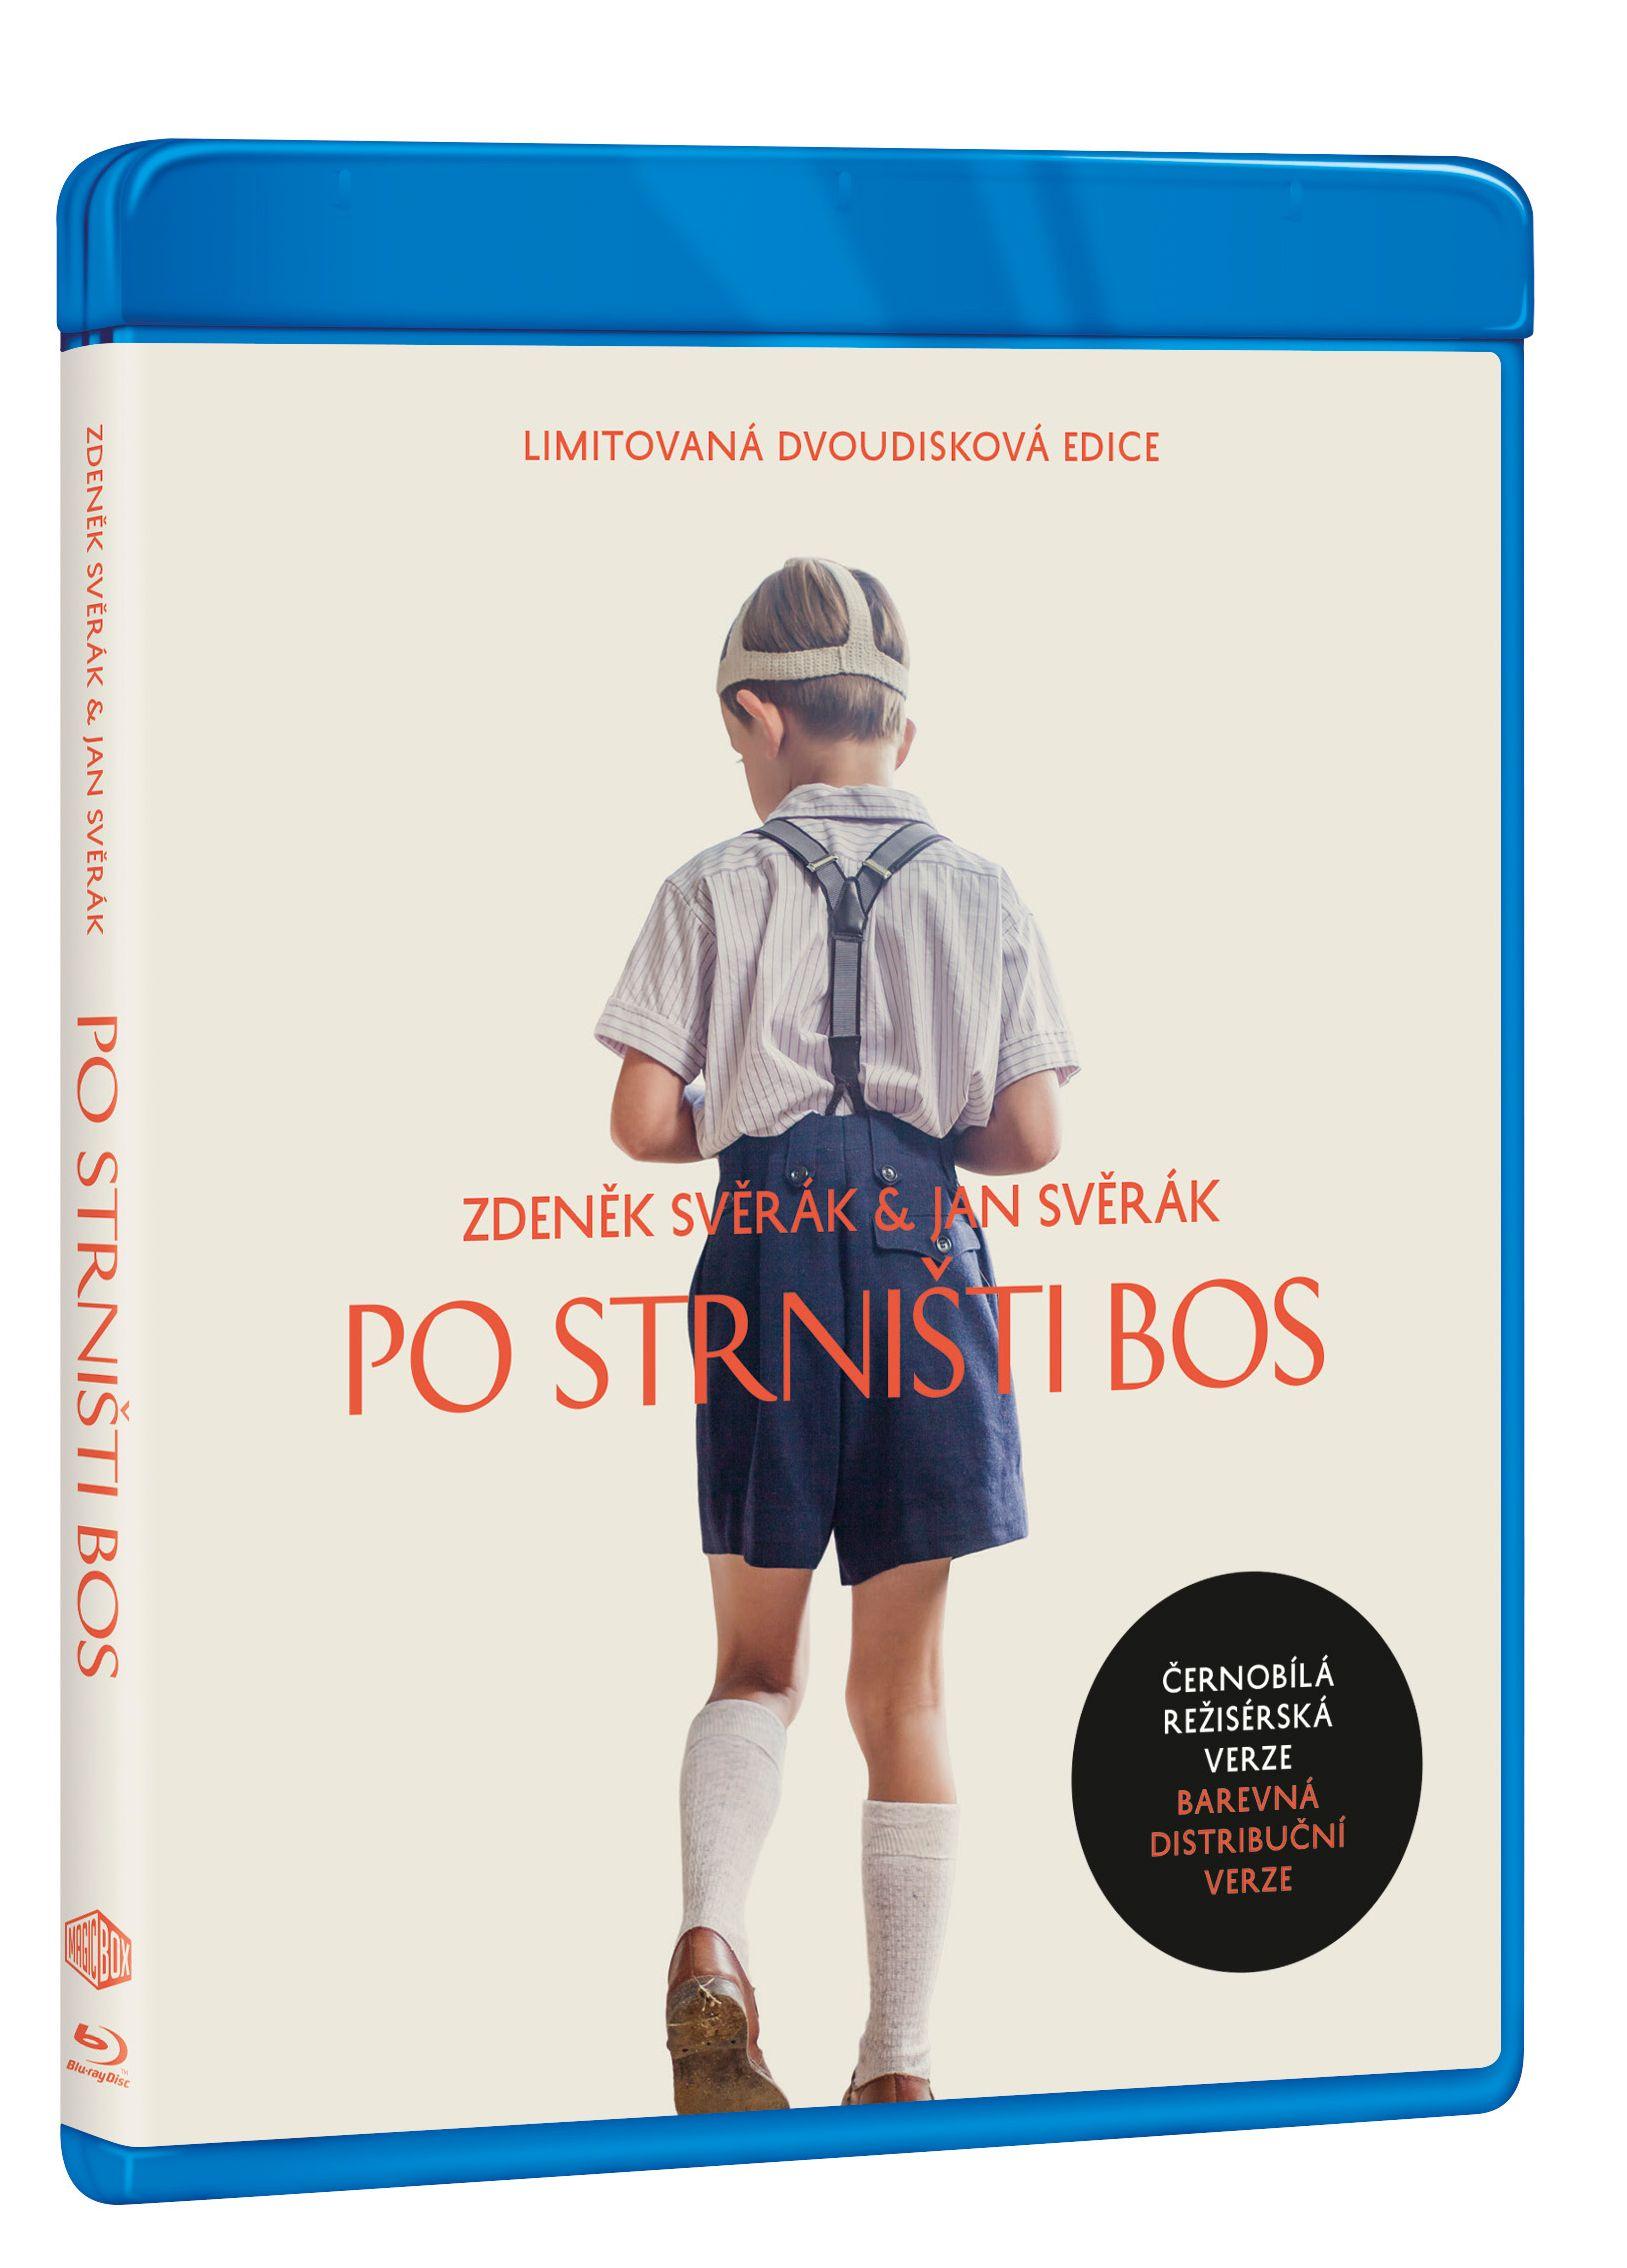 PO STRNIŠTI BOS - Blu-ray + Blu-ray s režisérskou ČB verzí